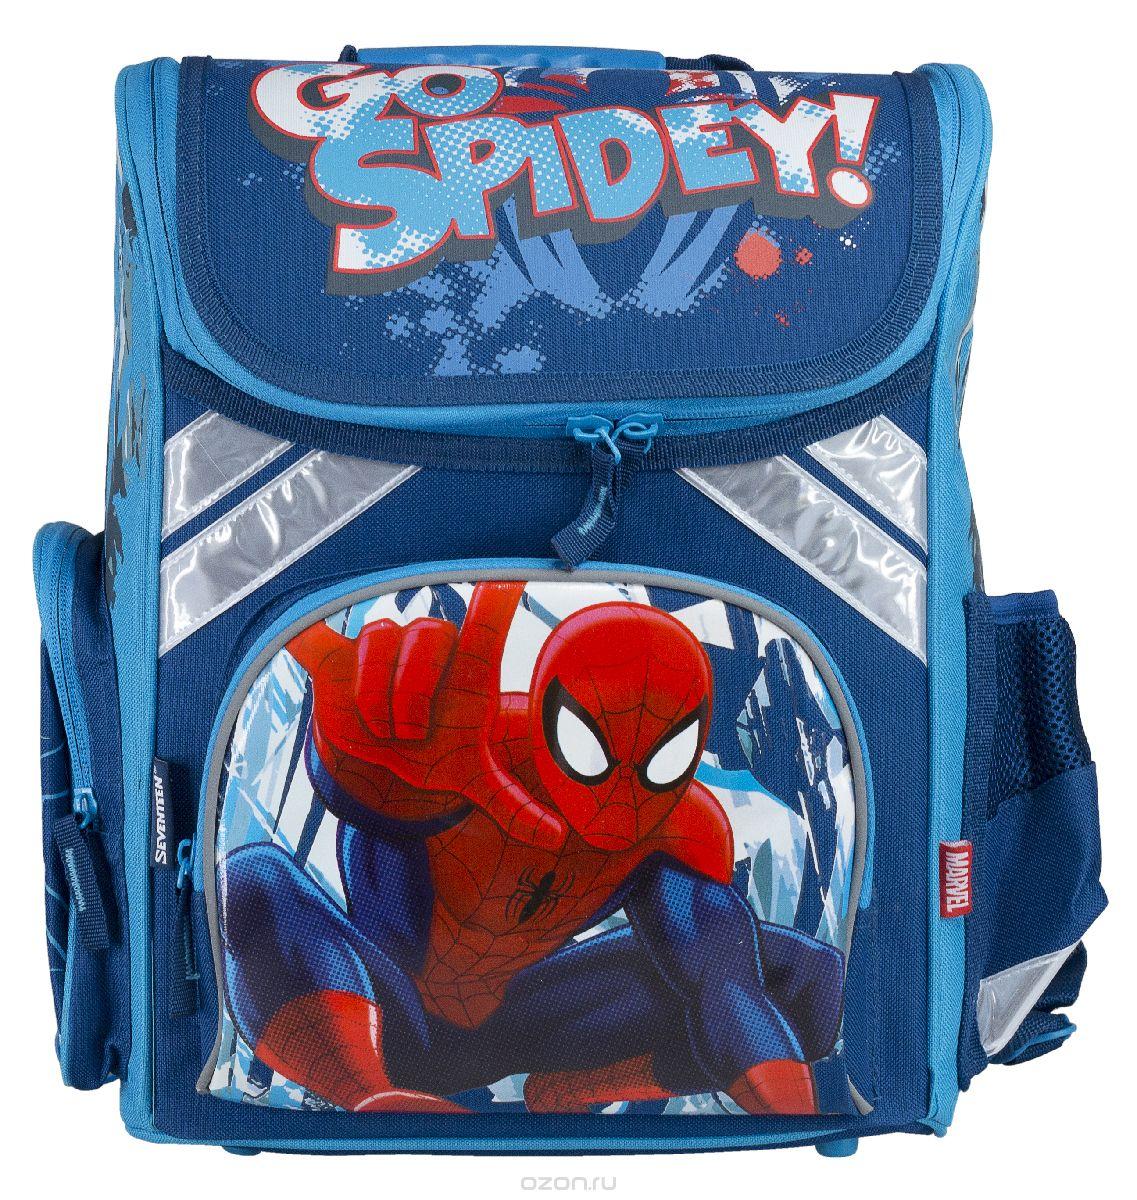 Ранец школьный Kinderline Spider-man Classic, цвет: синий, белый, красныйSMCB-MT1-113Ранец школьный Kinderline Spider-man Classic выполнен из современного легкого и прочного материала синего цвета с яркой аппликацией. Ранец имеет одно основное отделение, закрывающееся на молнию с двумя бегунками. Внутри главного отделения расположен врезной карман на змейке и два разделителя с утягивающей резинкой, предназначенные для размещения предметов без сложения, размером до формата А4 включительно. На лицевой стороне ранца расположен накладной карман на молнии. По бокам ранца размещены два дополнительных накладных кармана, один на молнии, и один открытый. Ортопедическая спинка, созданная по специальной технологии из дышащего материала, равномерно распределяет нагрузку на плечевые суставы и спину. Удлиненные держатели облегчают фиксацию длины ремней с мягкими подкладками. Ранец оснащен удобной ручкой для переноски и двумя широкими лямками, регулируемой длины. Дно ранца дополнено пластиковыми ножками. Многофункциональный школьный ранец станет незаменимым спутником вашего ребенка в походах за знаниями.